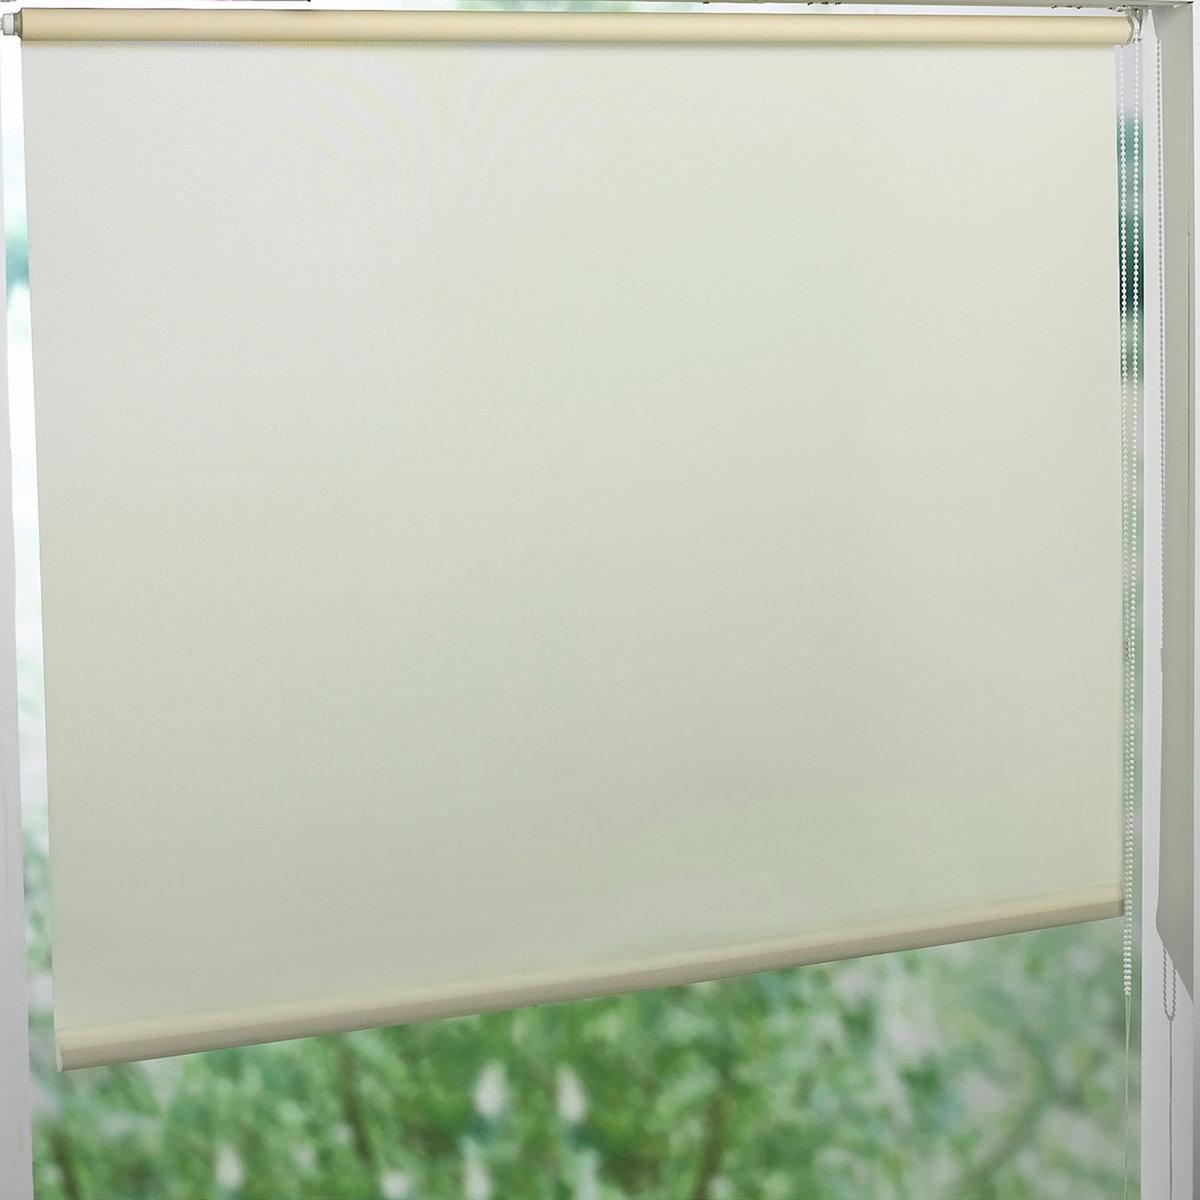 Штора рулонная, пропускающая свет, широкаяХарактеристики рулонной шторы :     - Пропускающую свет рулонную штору EASY легко установить на окна любого типа шириной 52-107 см.     - Губчатая ткань, 100% полиэстер, тяжелая рейка внизу.- Длина регулируется механизмом с цепочкой.- Можно отрезать по ширине.- Можно закрепить классическим способом, просверлив отверстия, или установить, используя новую систему фиксации :     - новая система фиксации клипсами для окон из ПВХ (в комплекте).     - специальный набор крепления EASY для окон из дерева и алюминия (продается отдельно).          VALEUR S?RE - качественные изделия с красивой отделкой.<br><br>Цвет: бежевый песочный,светло-серый,серо-бежевый,серо-коричневый каштан,серо-коричневый,серый,синий морской